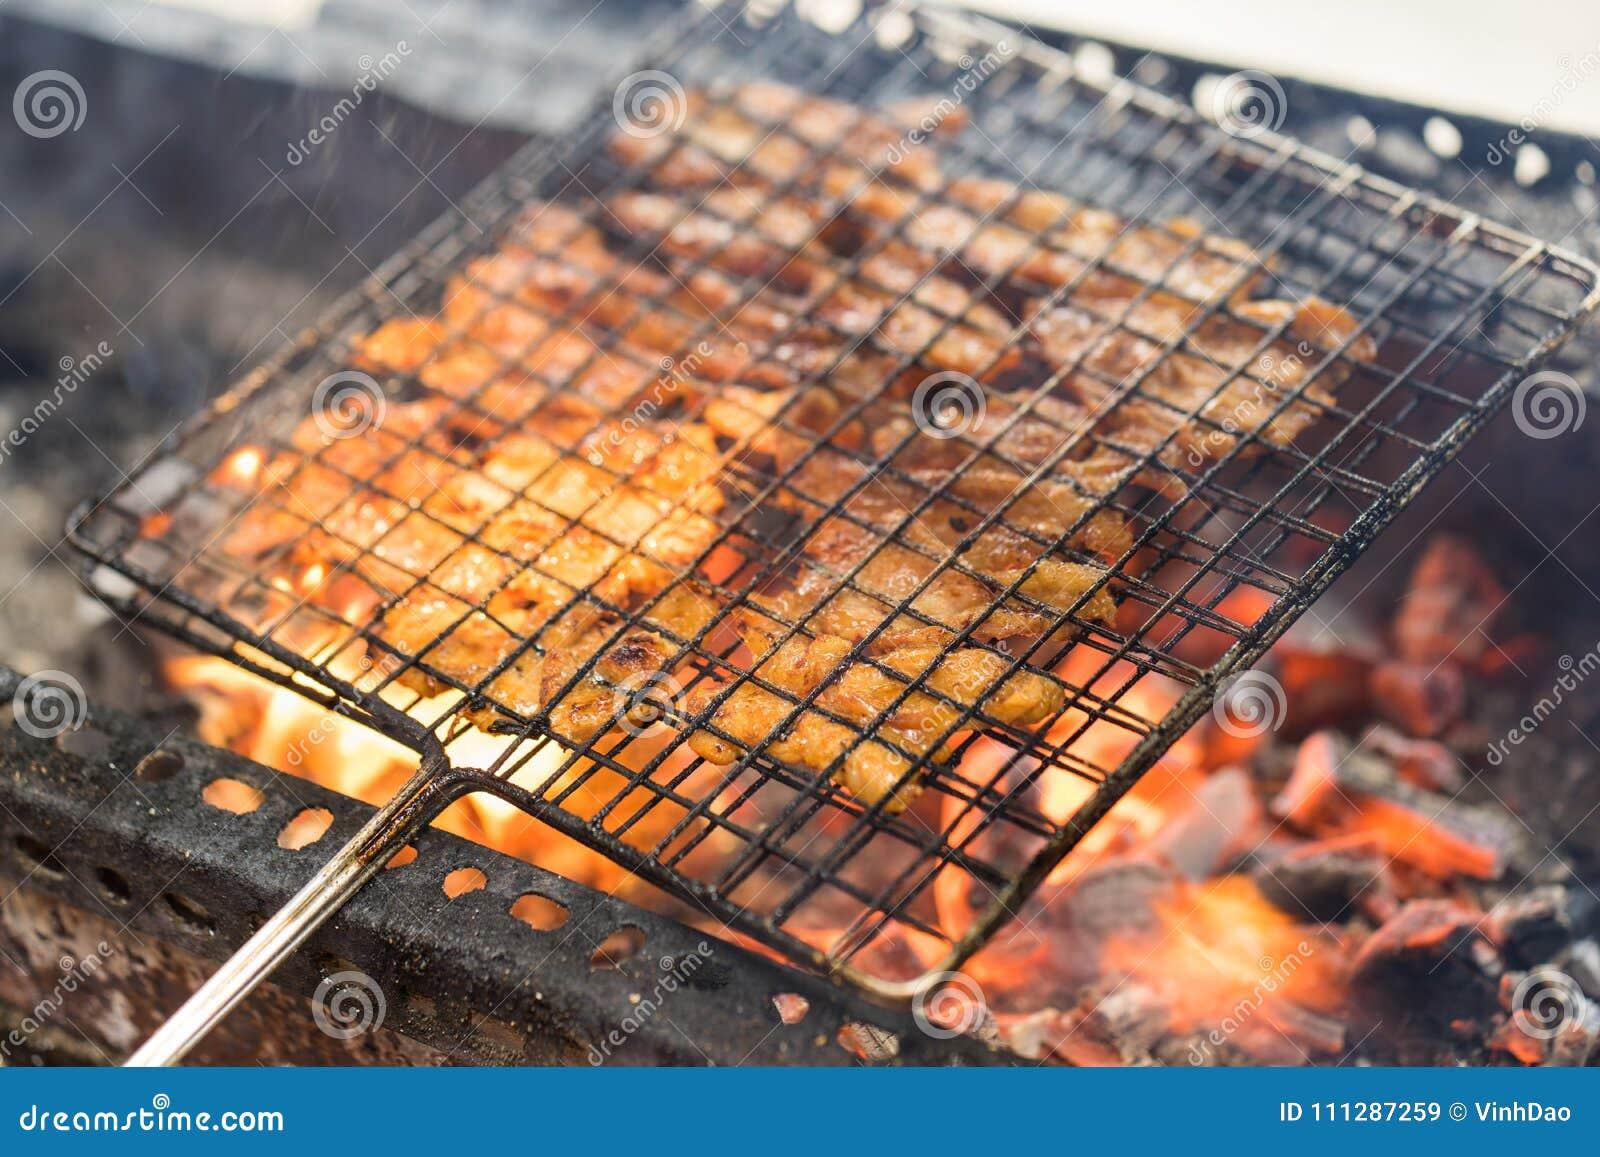 Мясо варя на огне - ингридиент барбекю cha плюшки известный въетнамский суп лапши с мясом bbq, блинчиком с начинкой, вермишелью